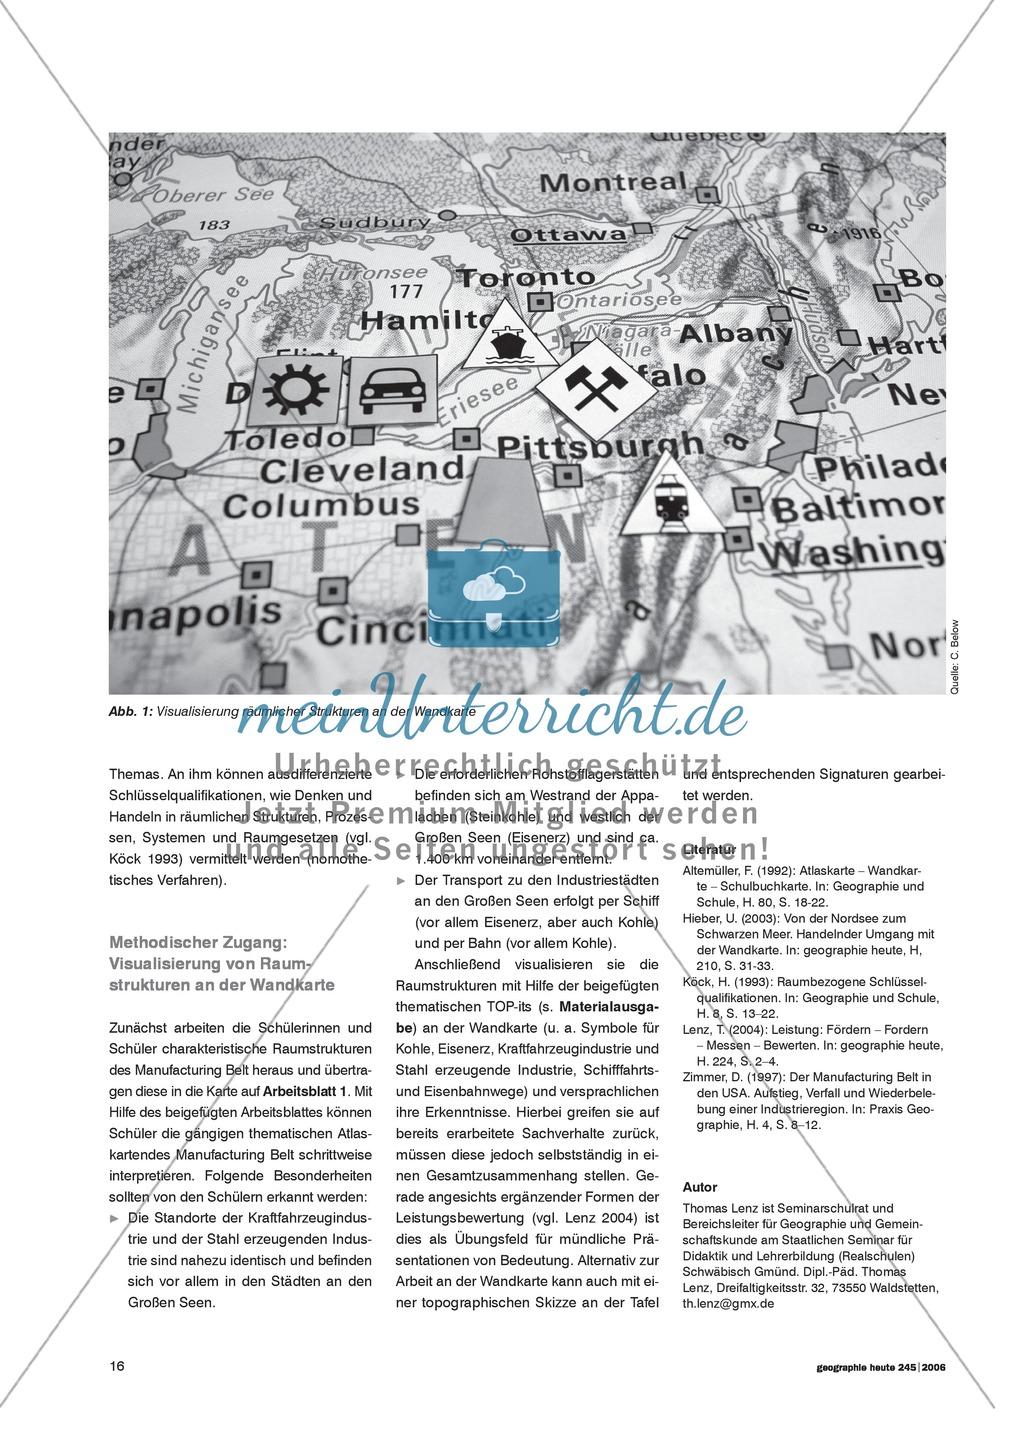 Die Wandkarte im Geographieunterricht : Visualisierung von Raumstrukturen Preview 1